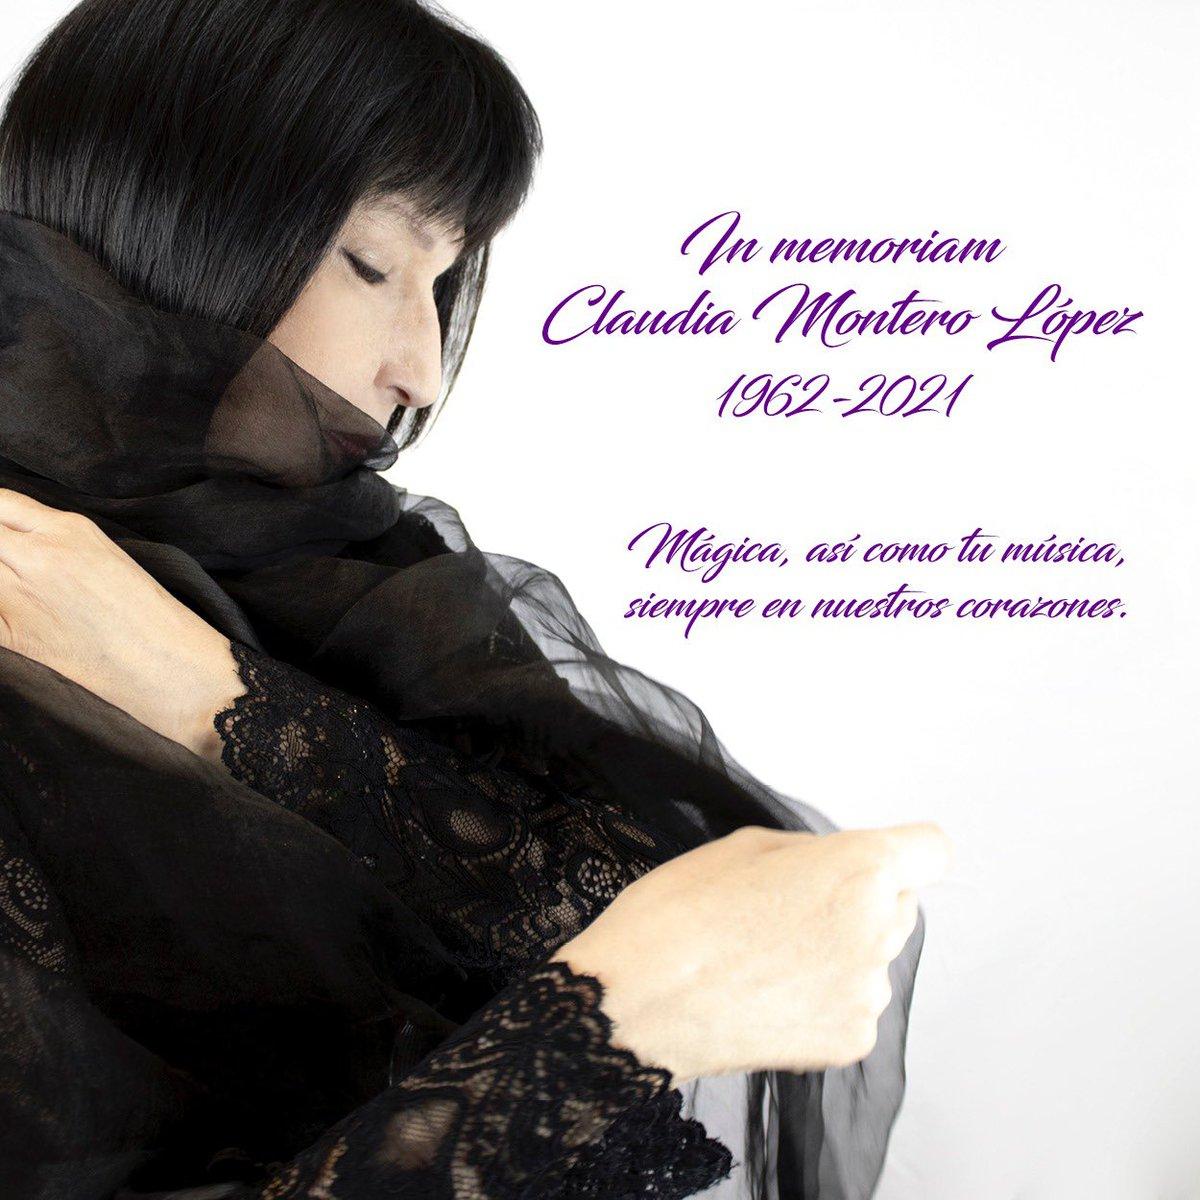 Con mucha tristeza os comunicamos el fallecimiento de nuestra querida Claudia Montero. Su recuerdo, su música y su magia quedarán para siempre en nuestros corazones y en nuestra memoria.